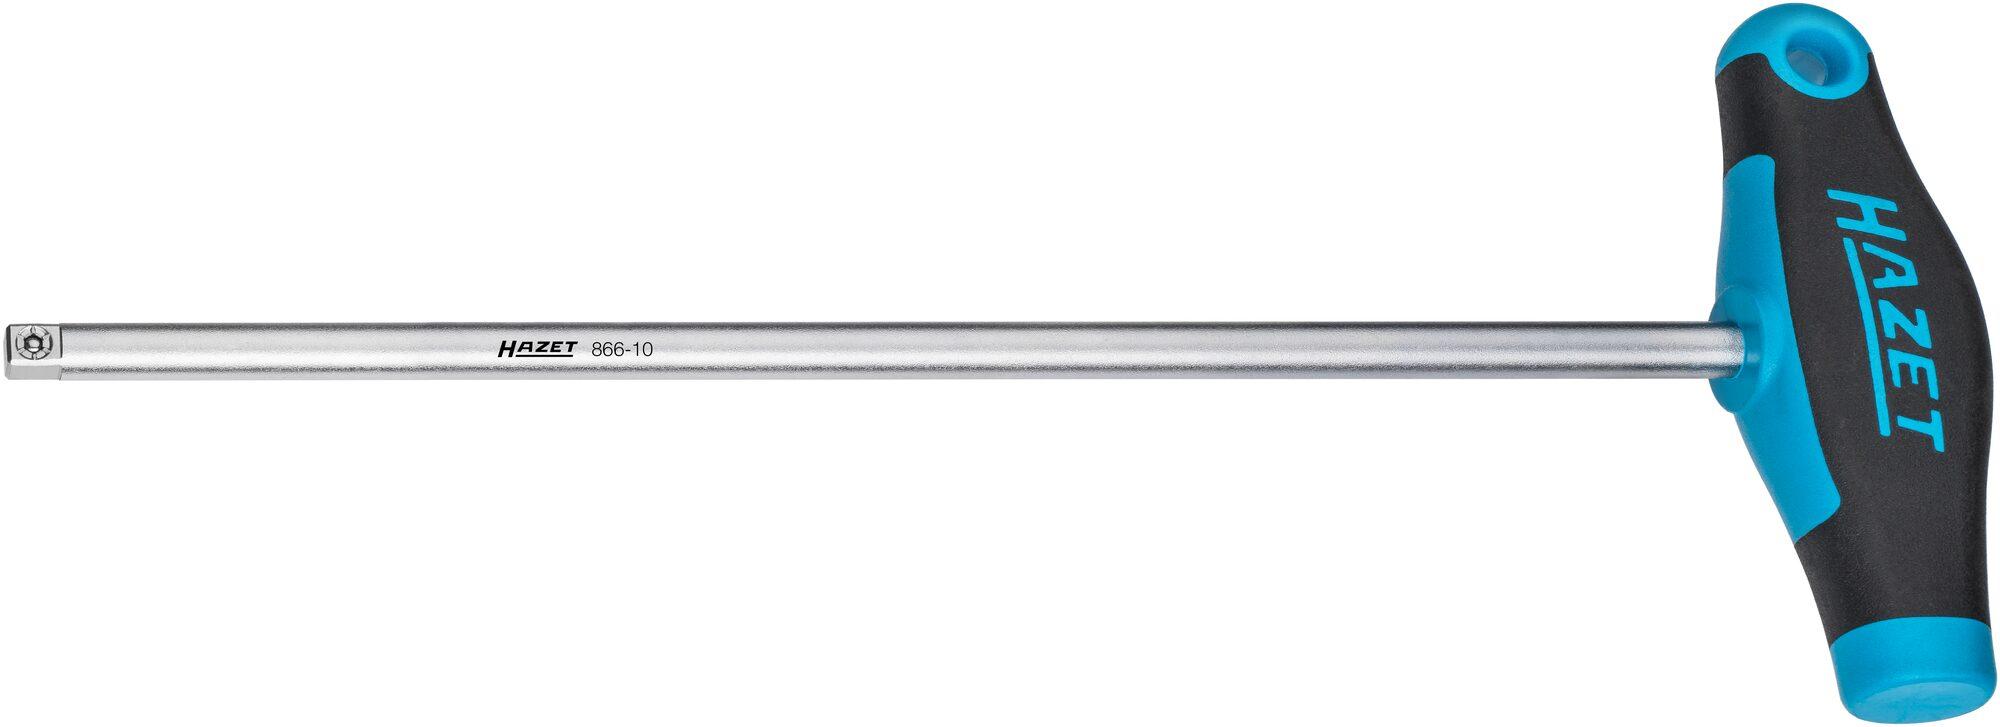 HAZET Steckgriff mit T-Griff 866-10 ∙ Vierkant massiv 6,3 mm (1/4 Zoll) ∙ 295 mm